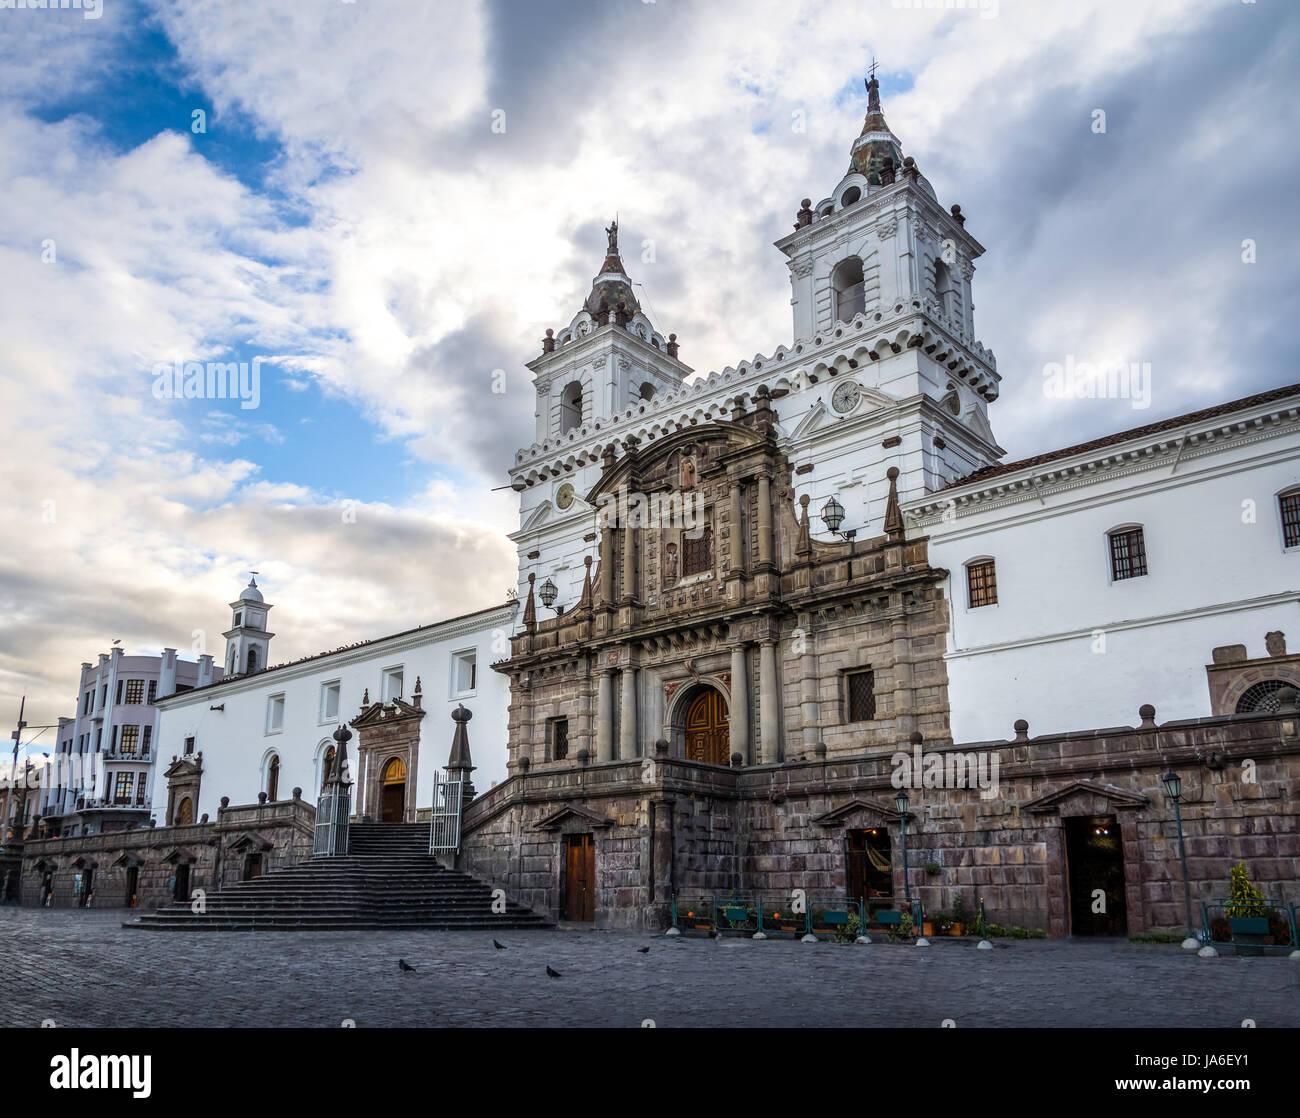 Plaza de San Francisco y la iglesia de San Francisco - Quito, Ecuador Imagen De Stock